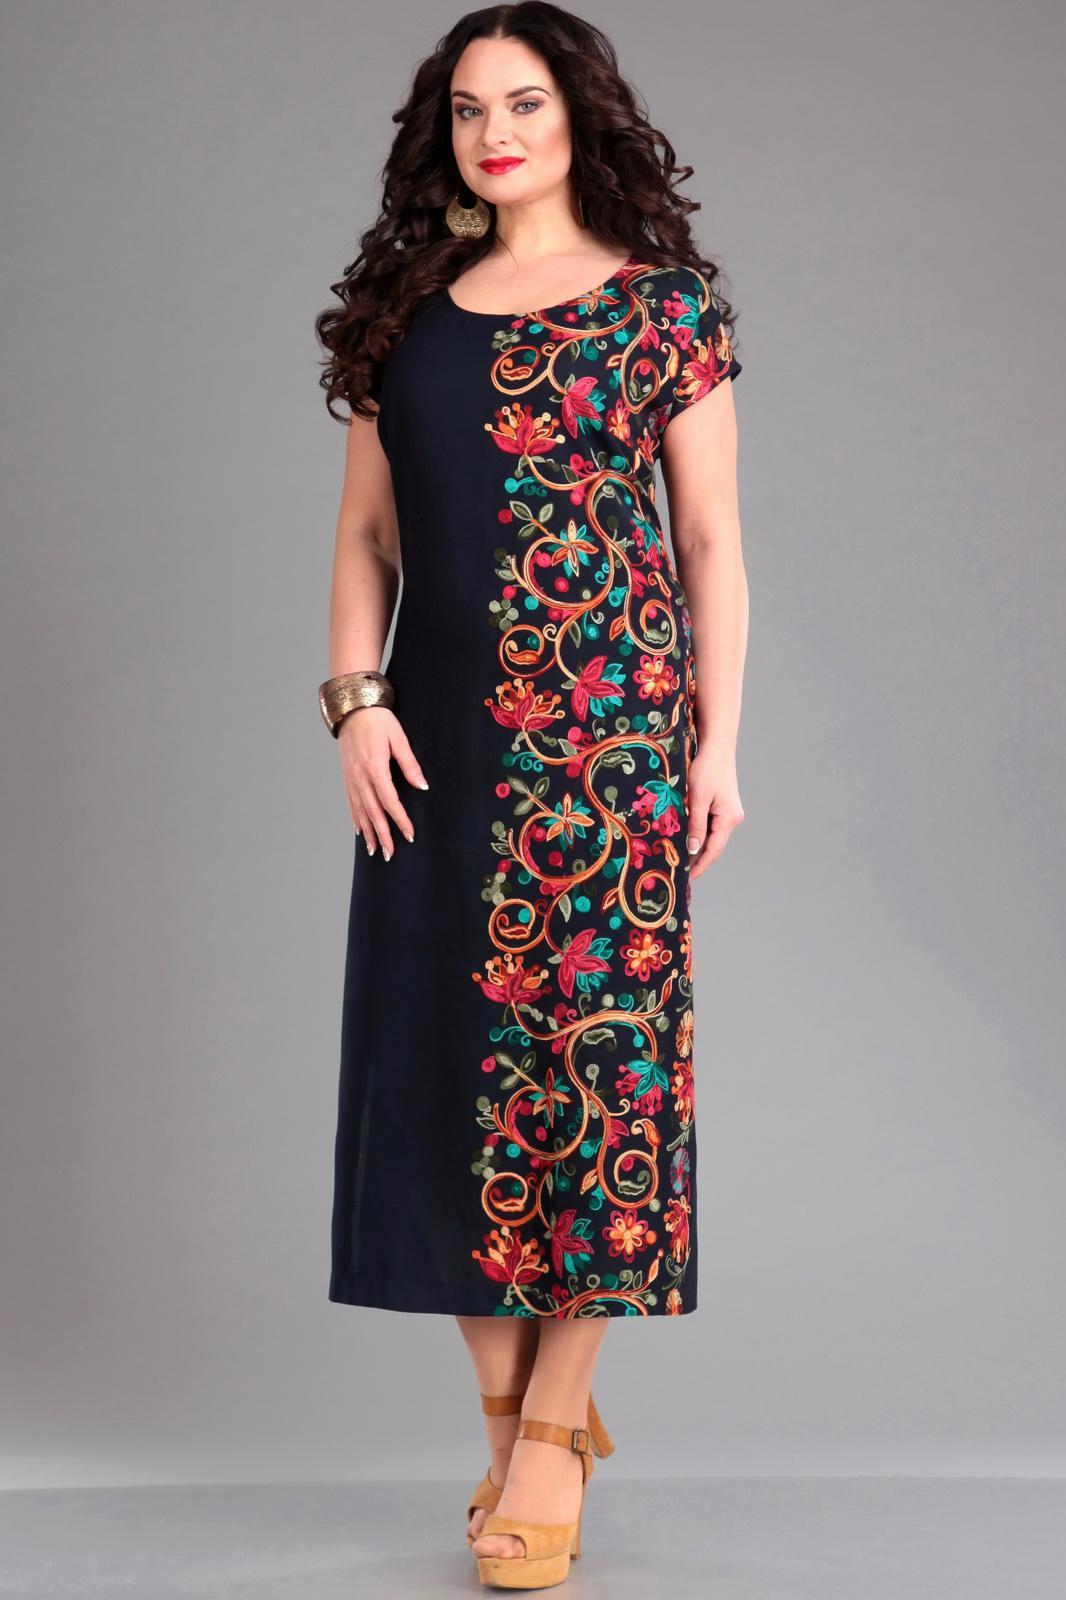 Дешевые онлайн платья в беларуси